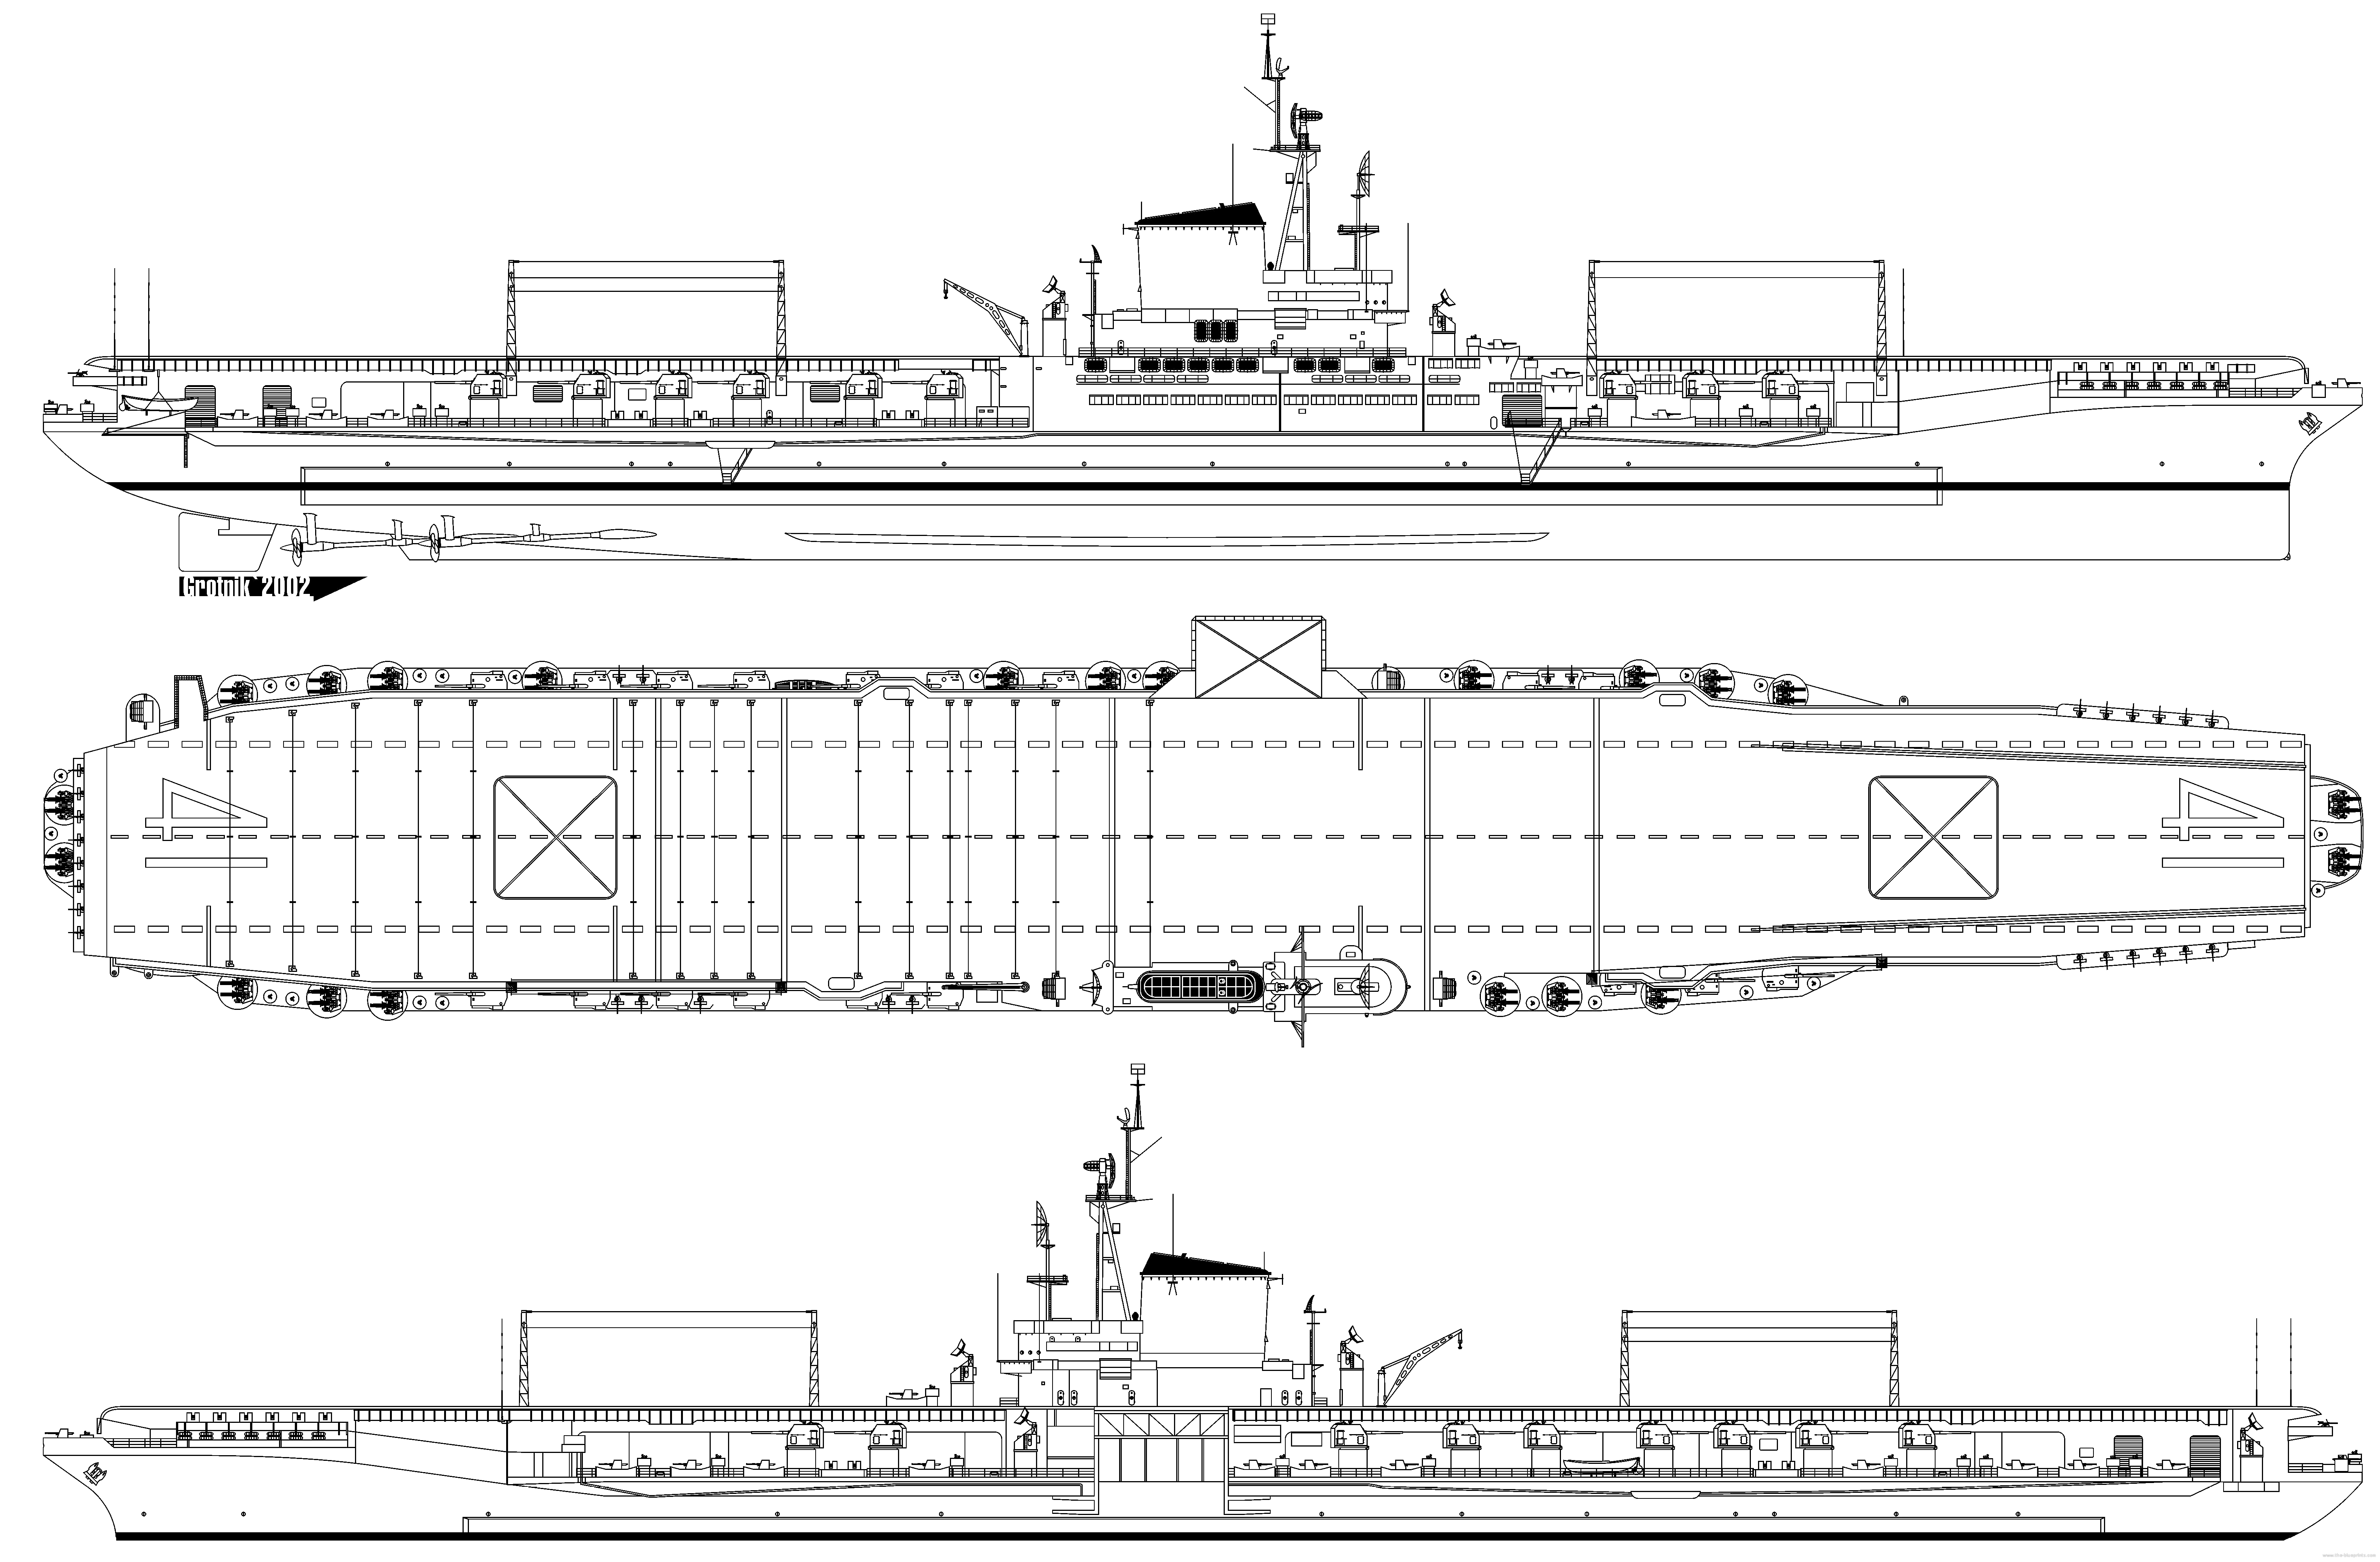 aircraft carrier diagram honeywell pir sensor wiring uss cv 41 midway 1946 png 63294153